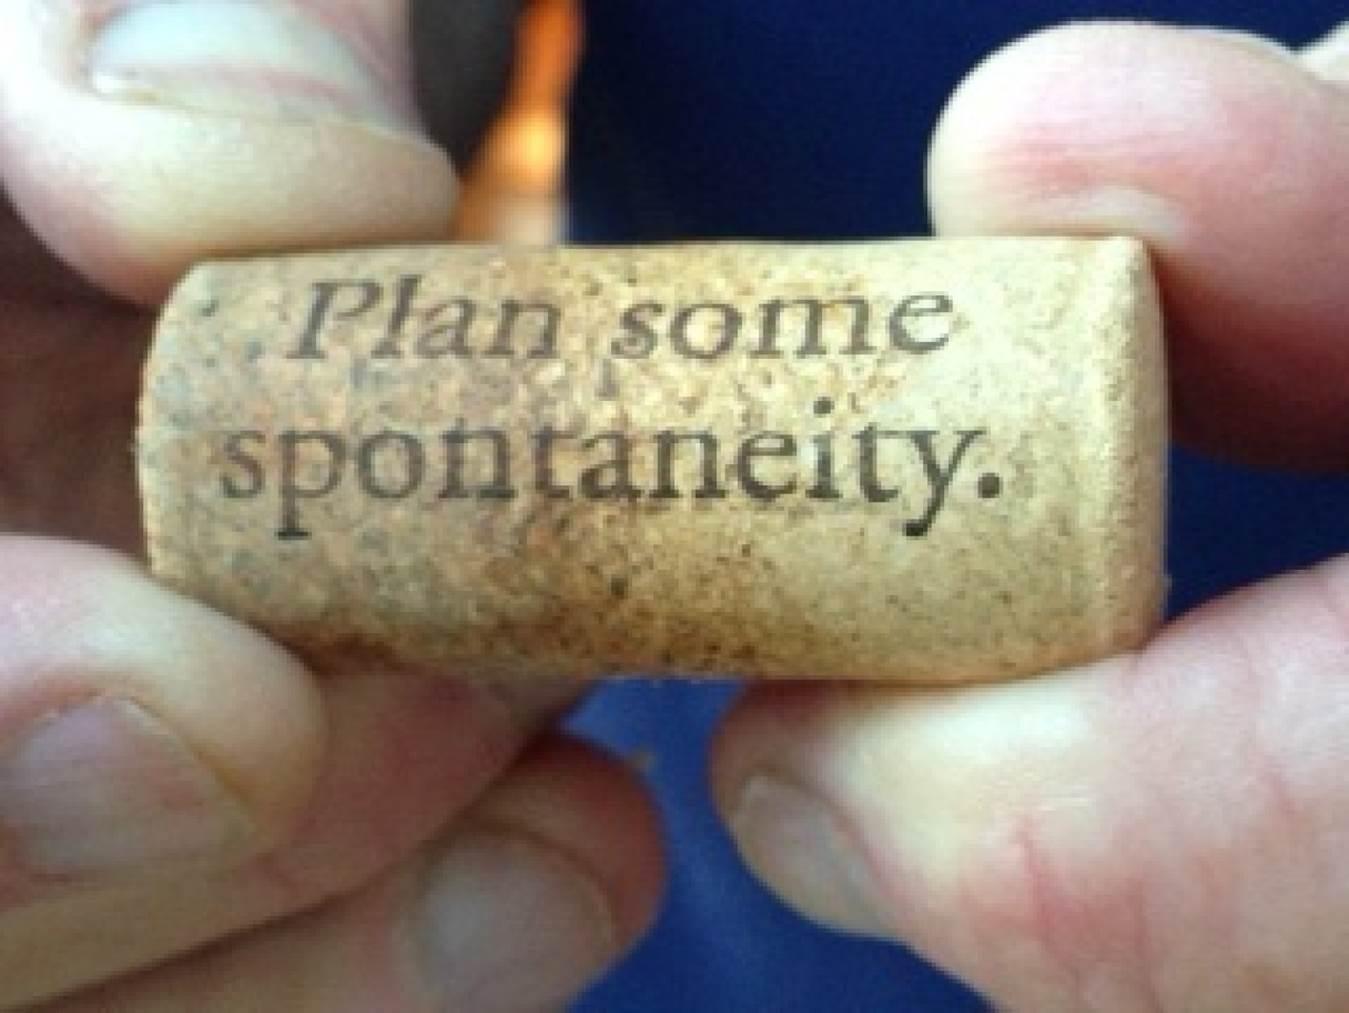 Twitter-Planned-Spontaneity